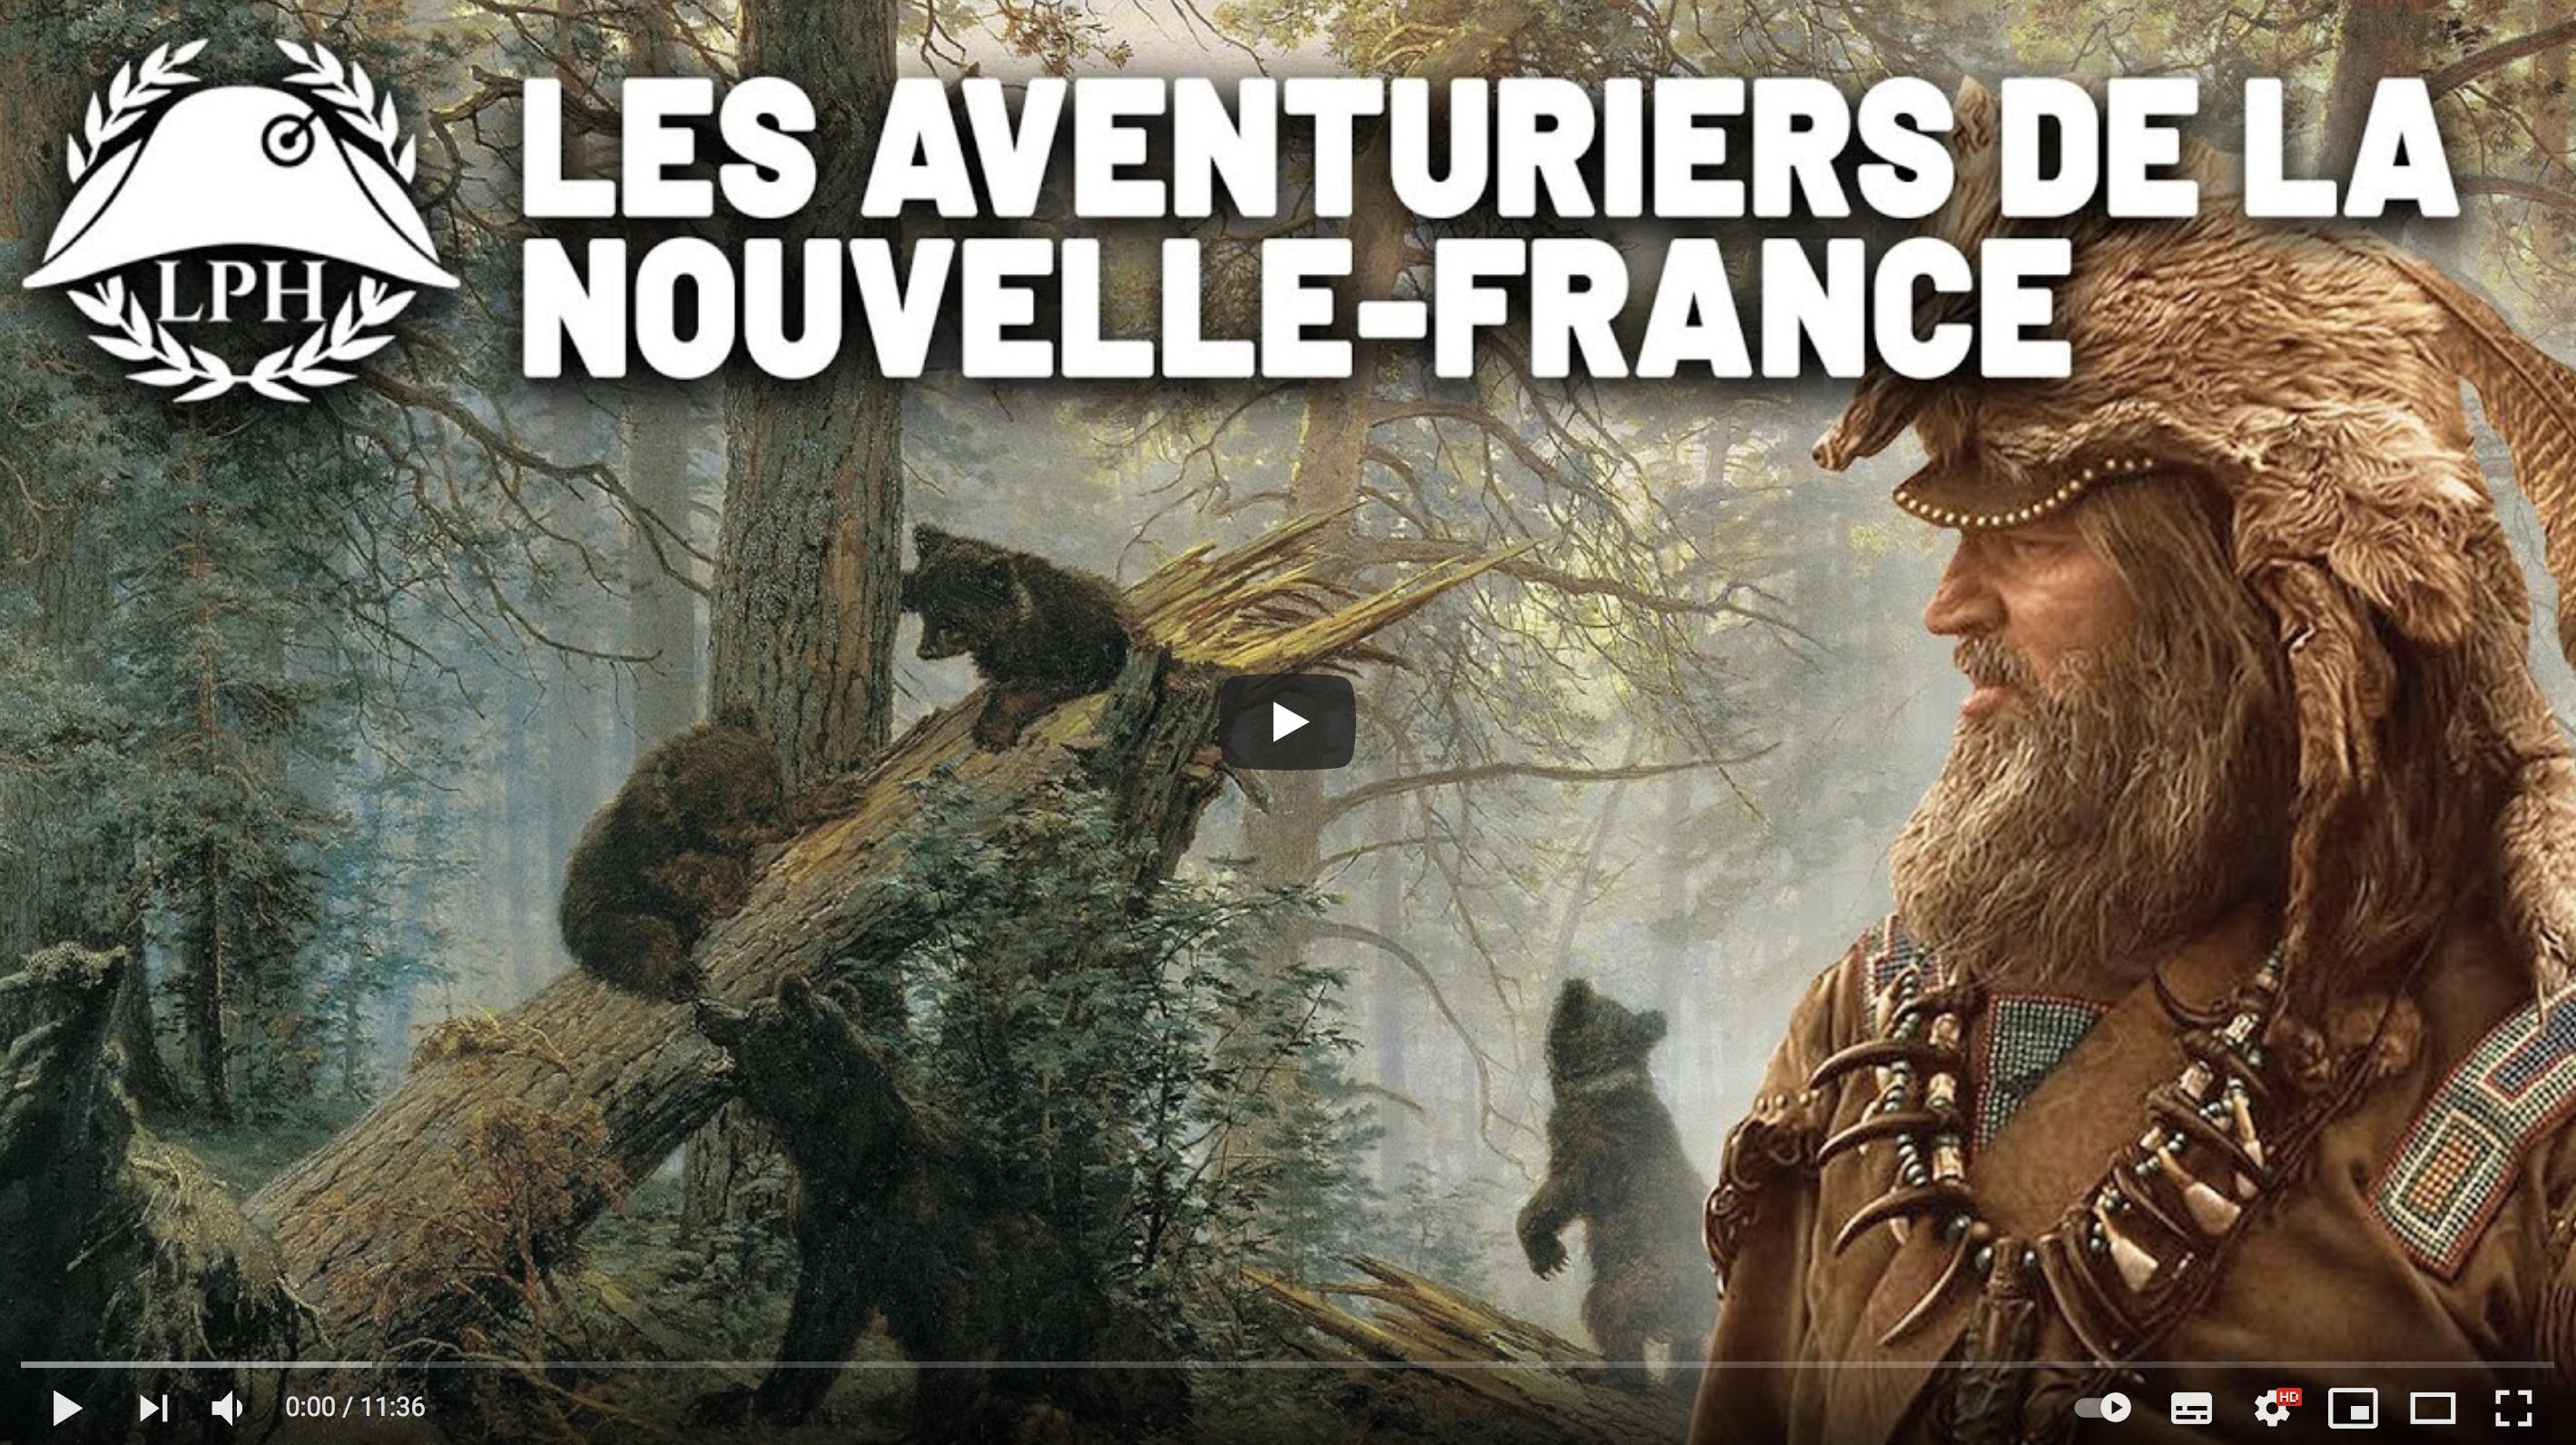 Les coureurs des bois, aventuriers de la Nouvelle-France (La Petite Histoire)